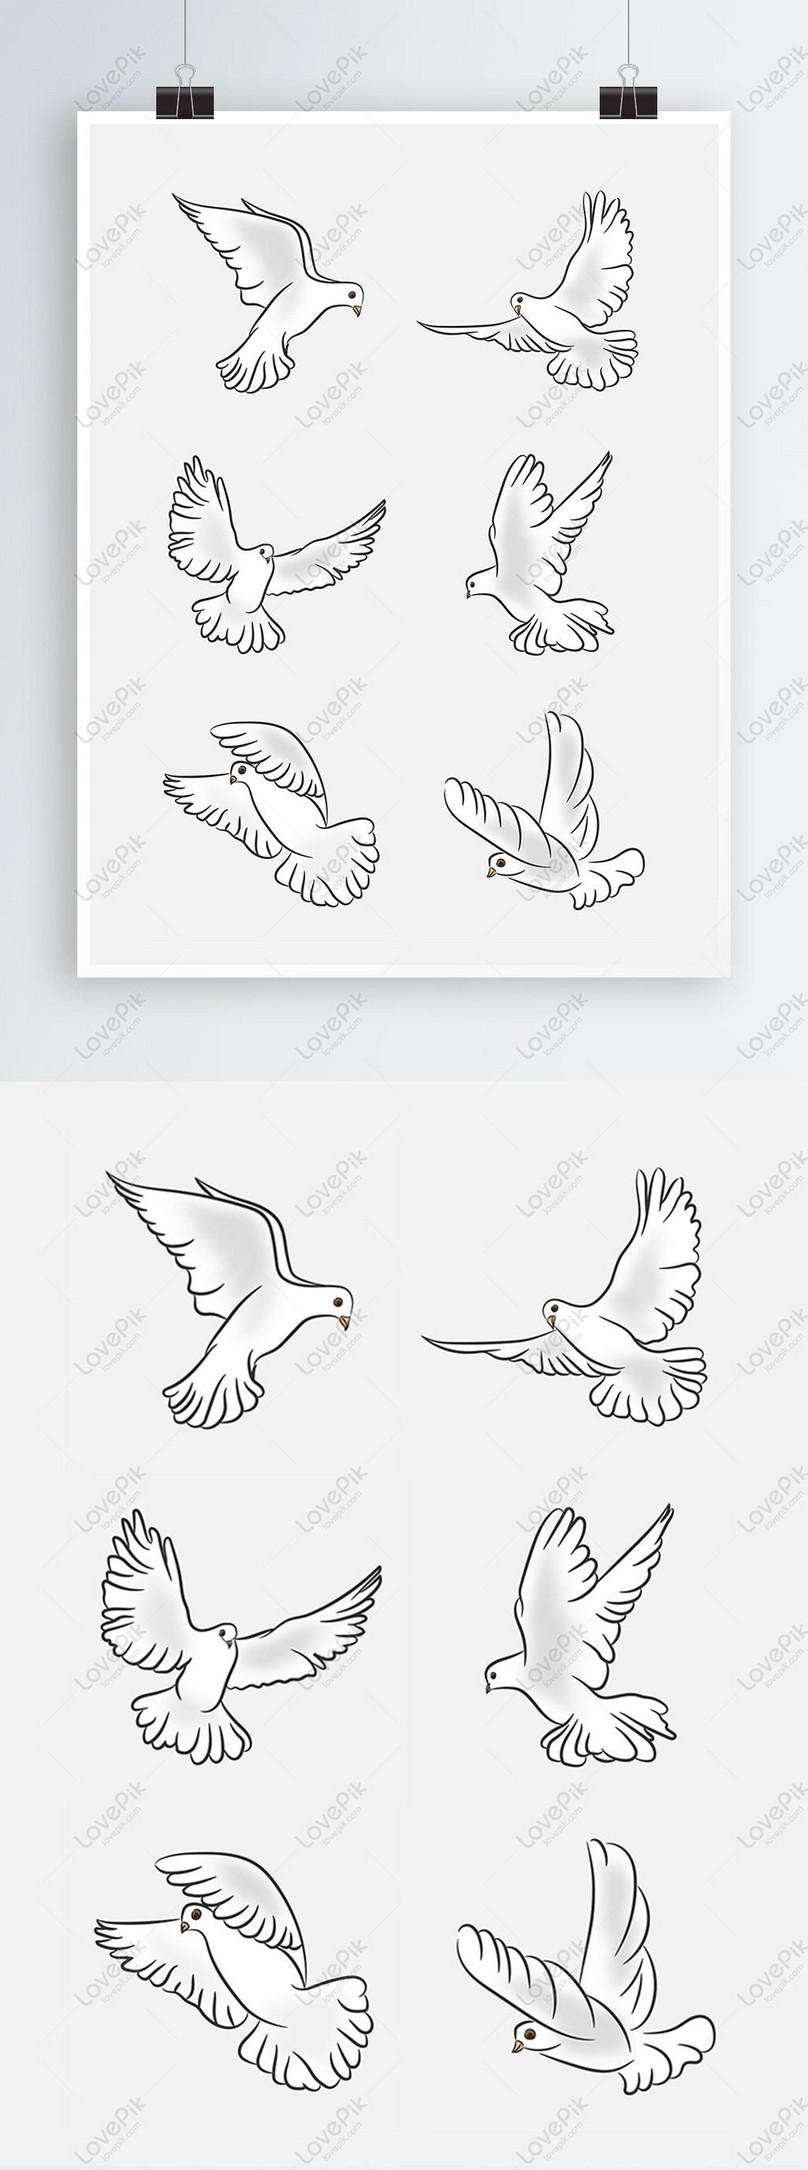 حمامة السلام رسم